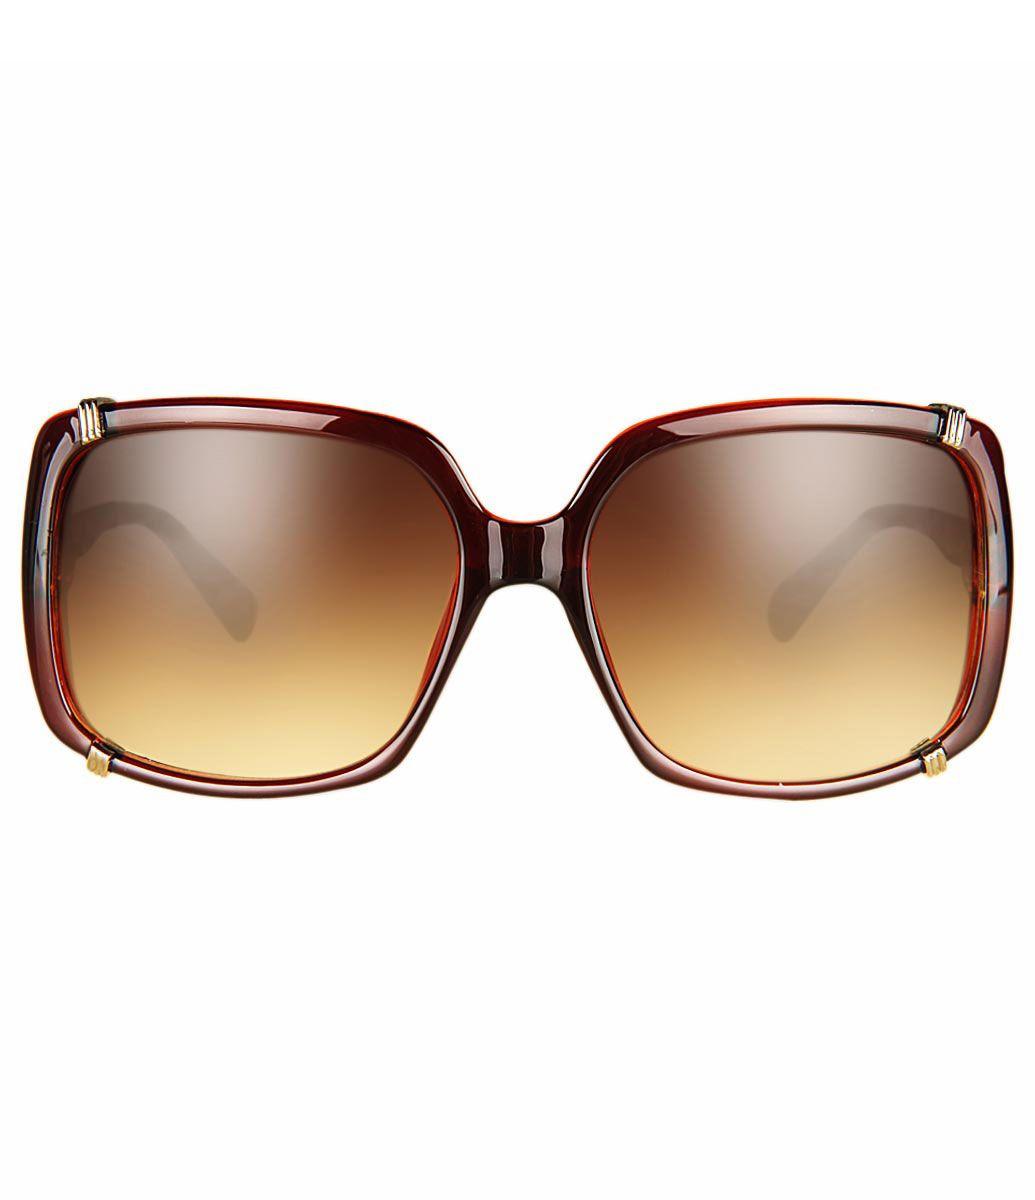 6849e484a3e64 Óculos de sol feminino Modelo quadrado Hastes em acetato Lentes em acrílico  Proteção contra raios UVA